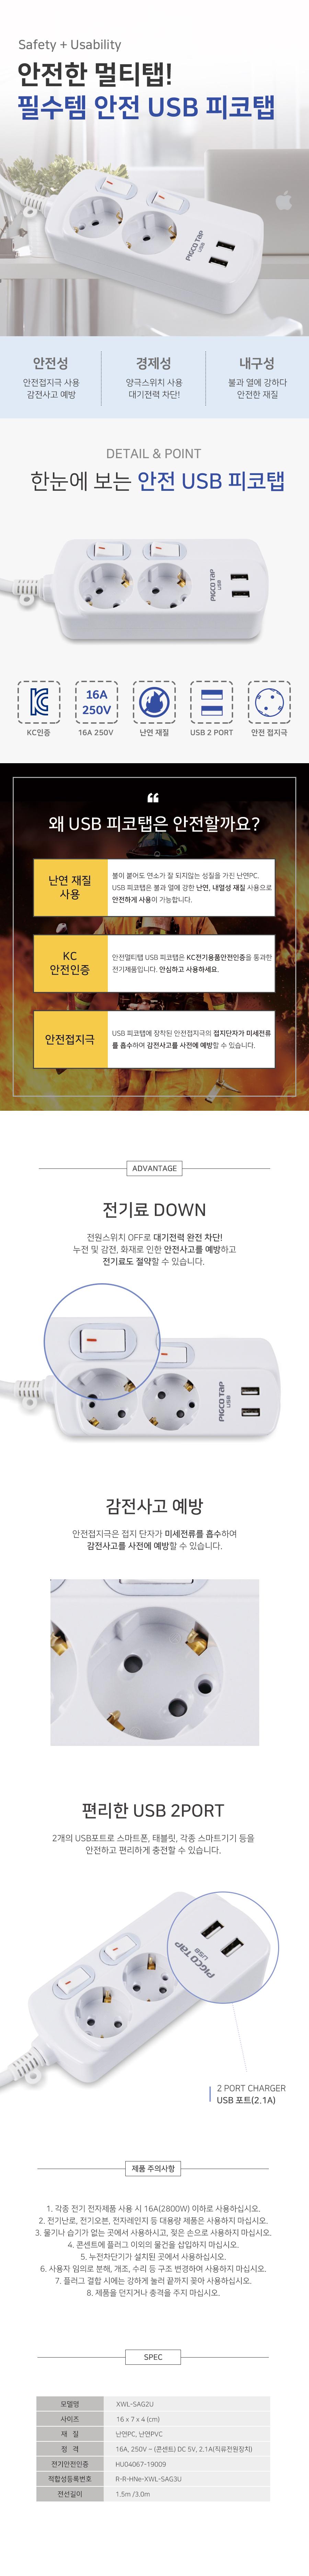 에스와이폴리텍 피코탭 2구 16A USB 개별 멀티탭 (3m)